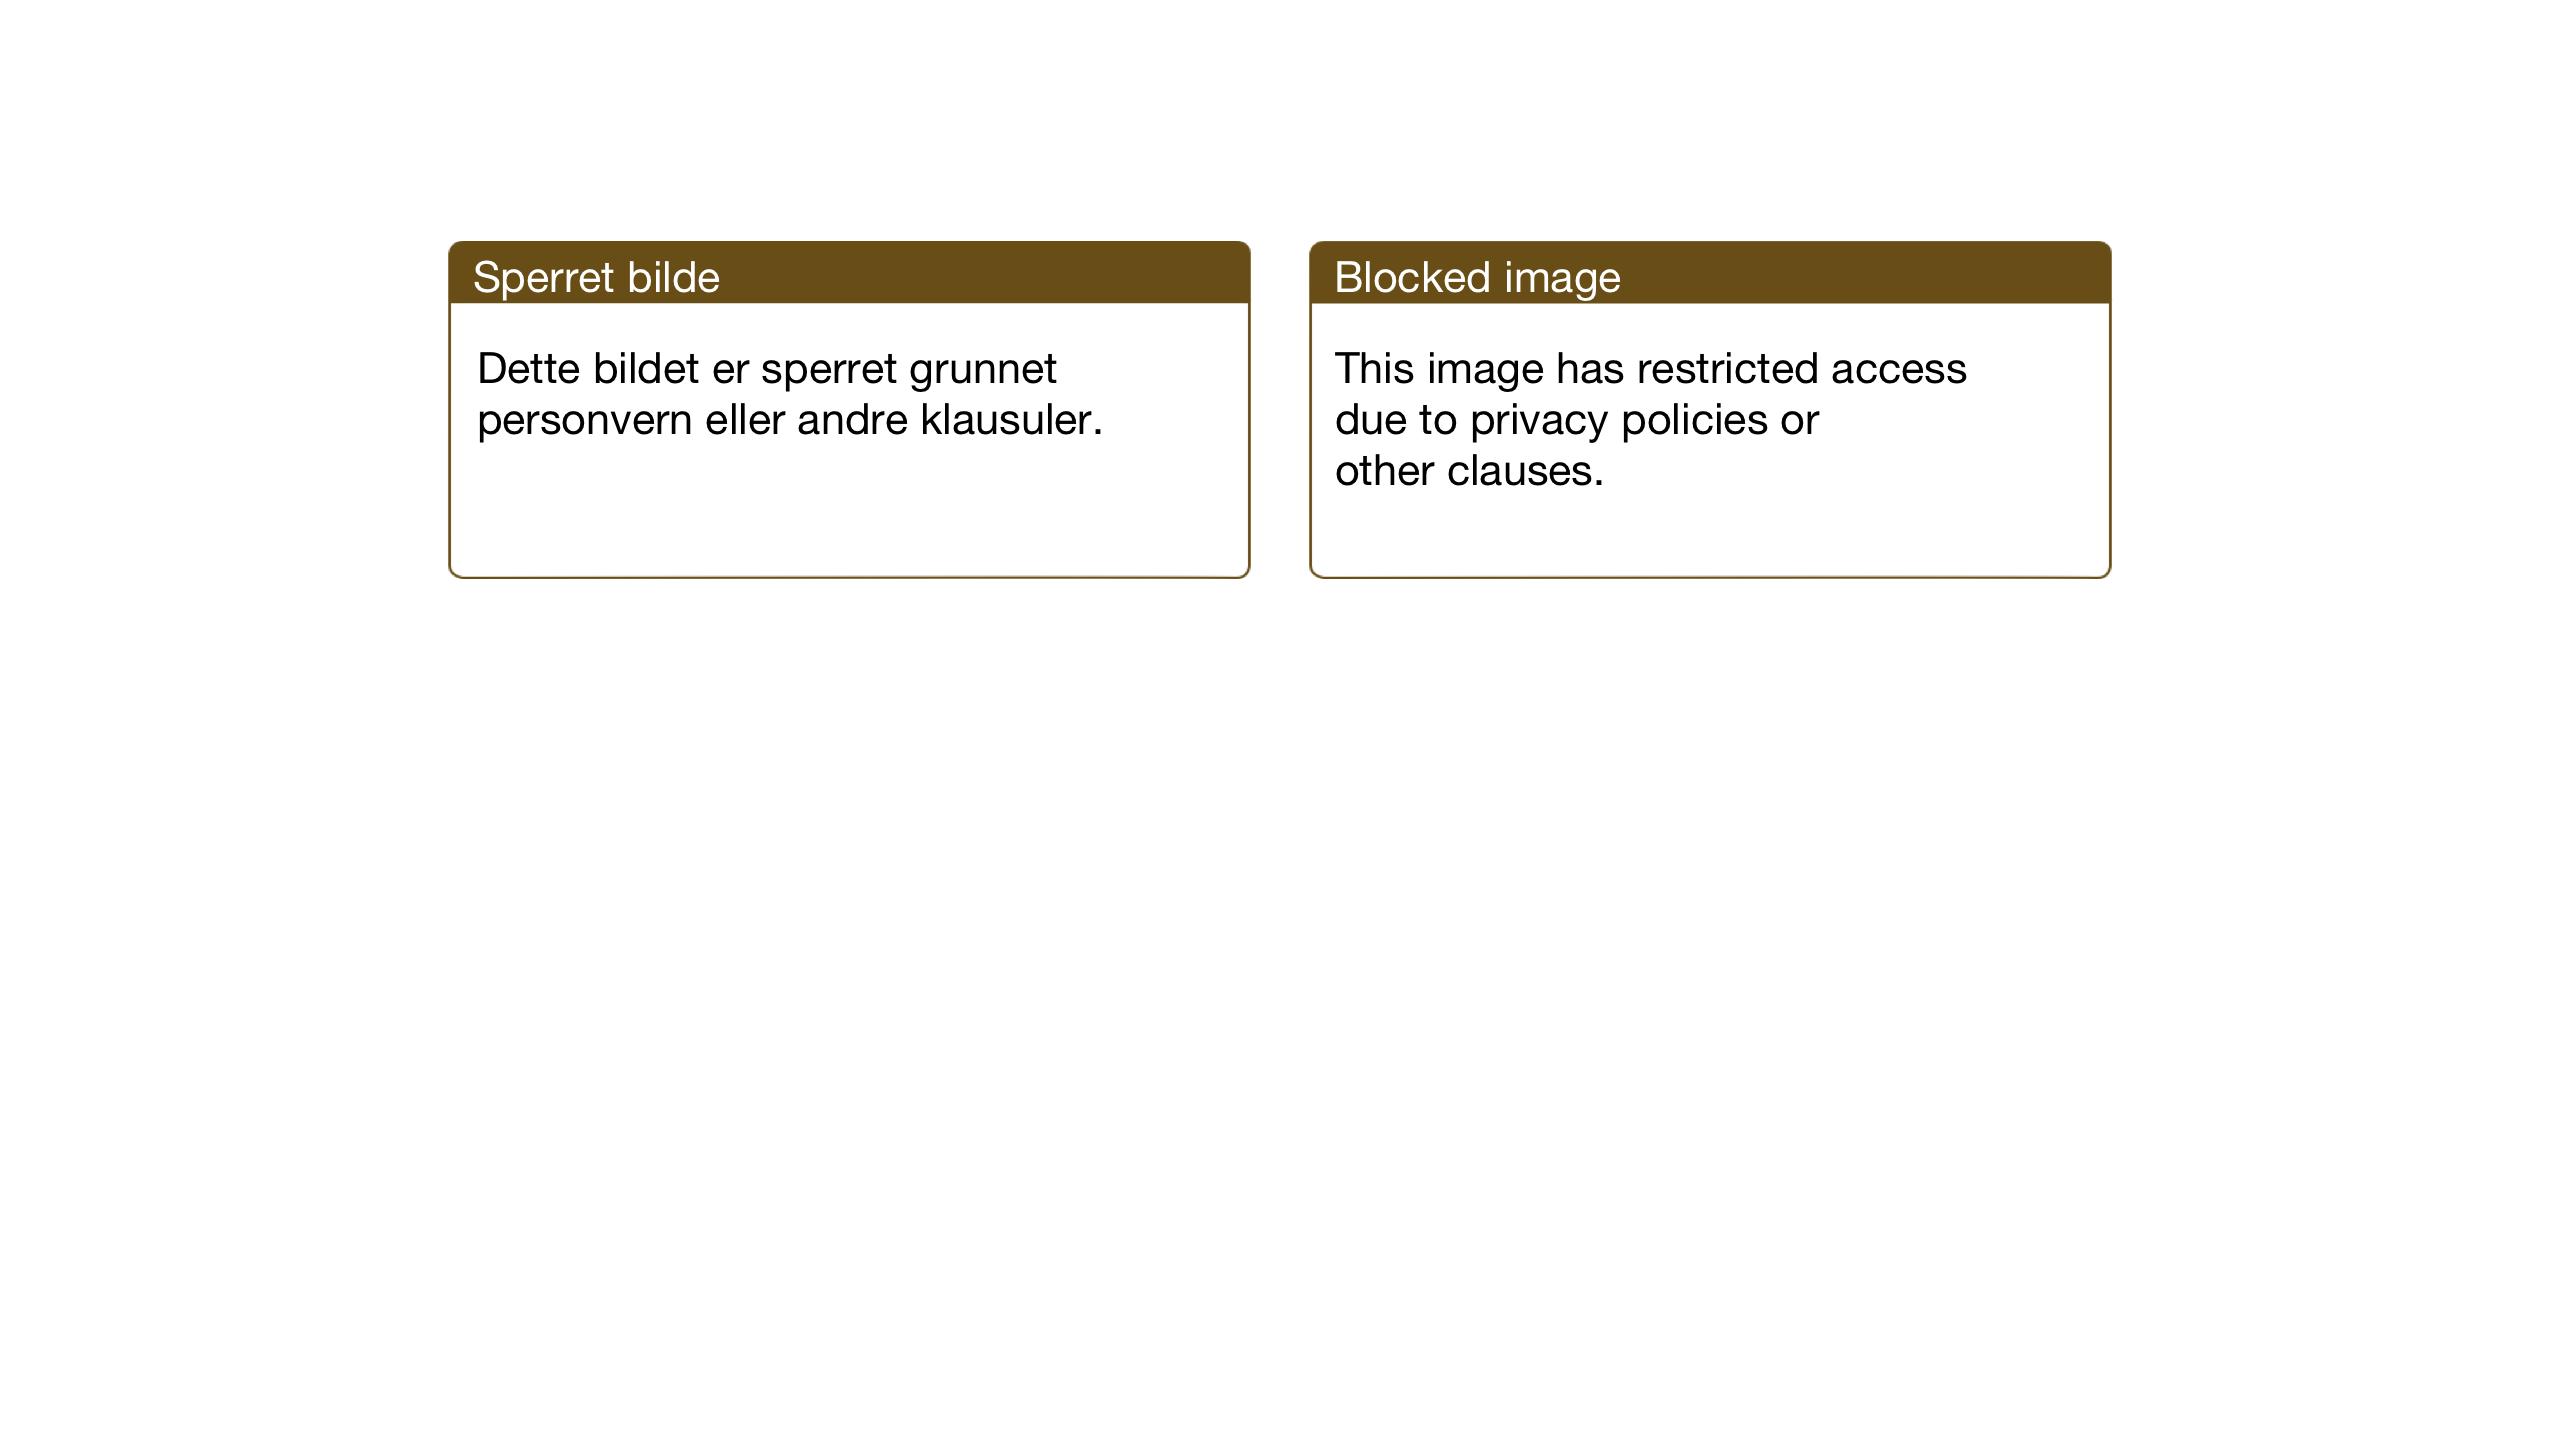 SAT, Ministerialprotokoller, klokkerbøker og fødselsregistre - Nord-Trøndelag, 722/L0227: Klokkerbok nr. 722C03, 1928-1958, s. 66